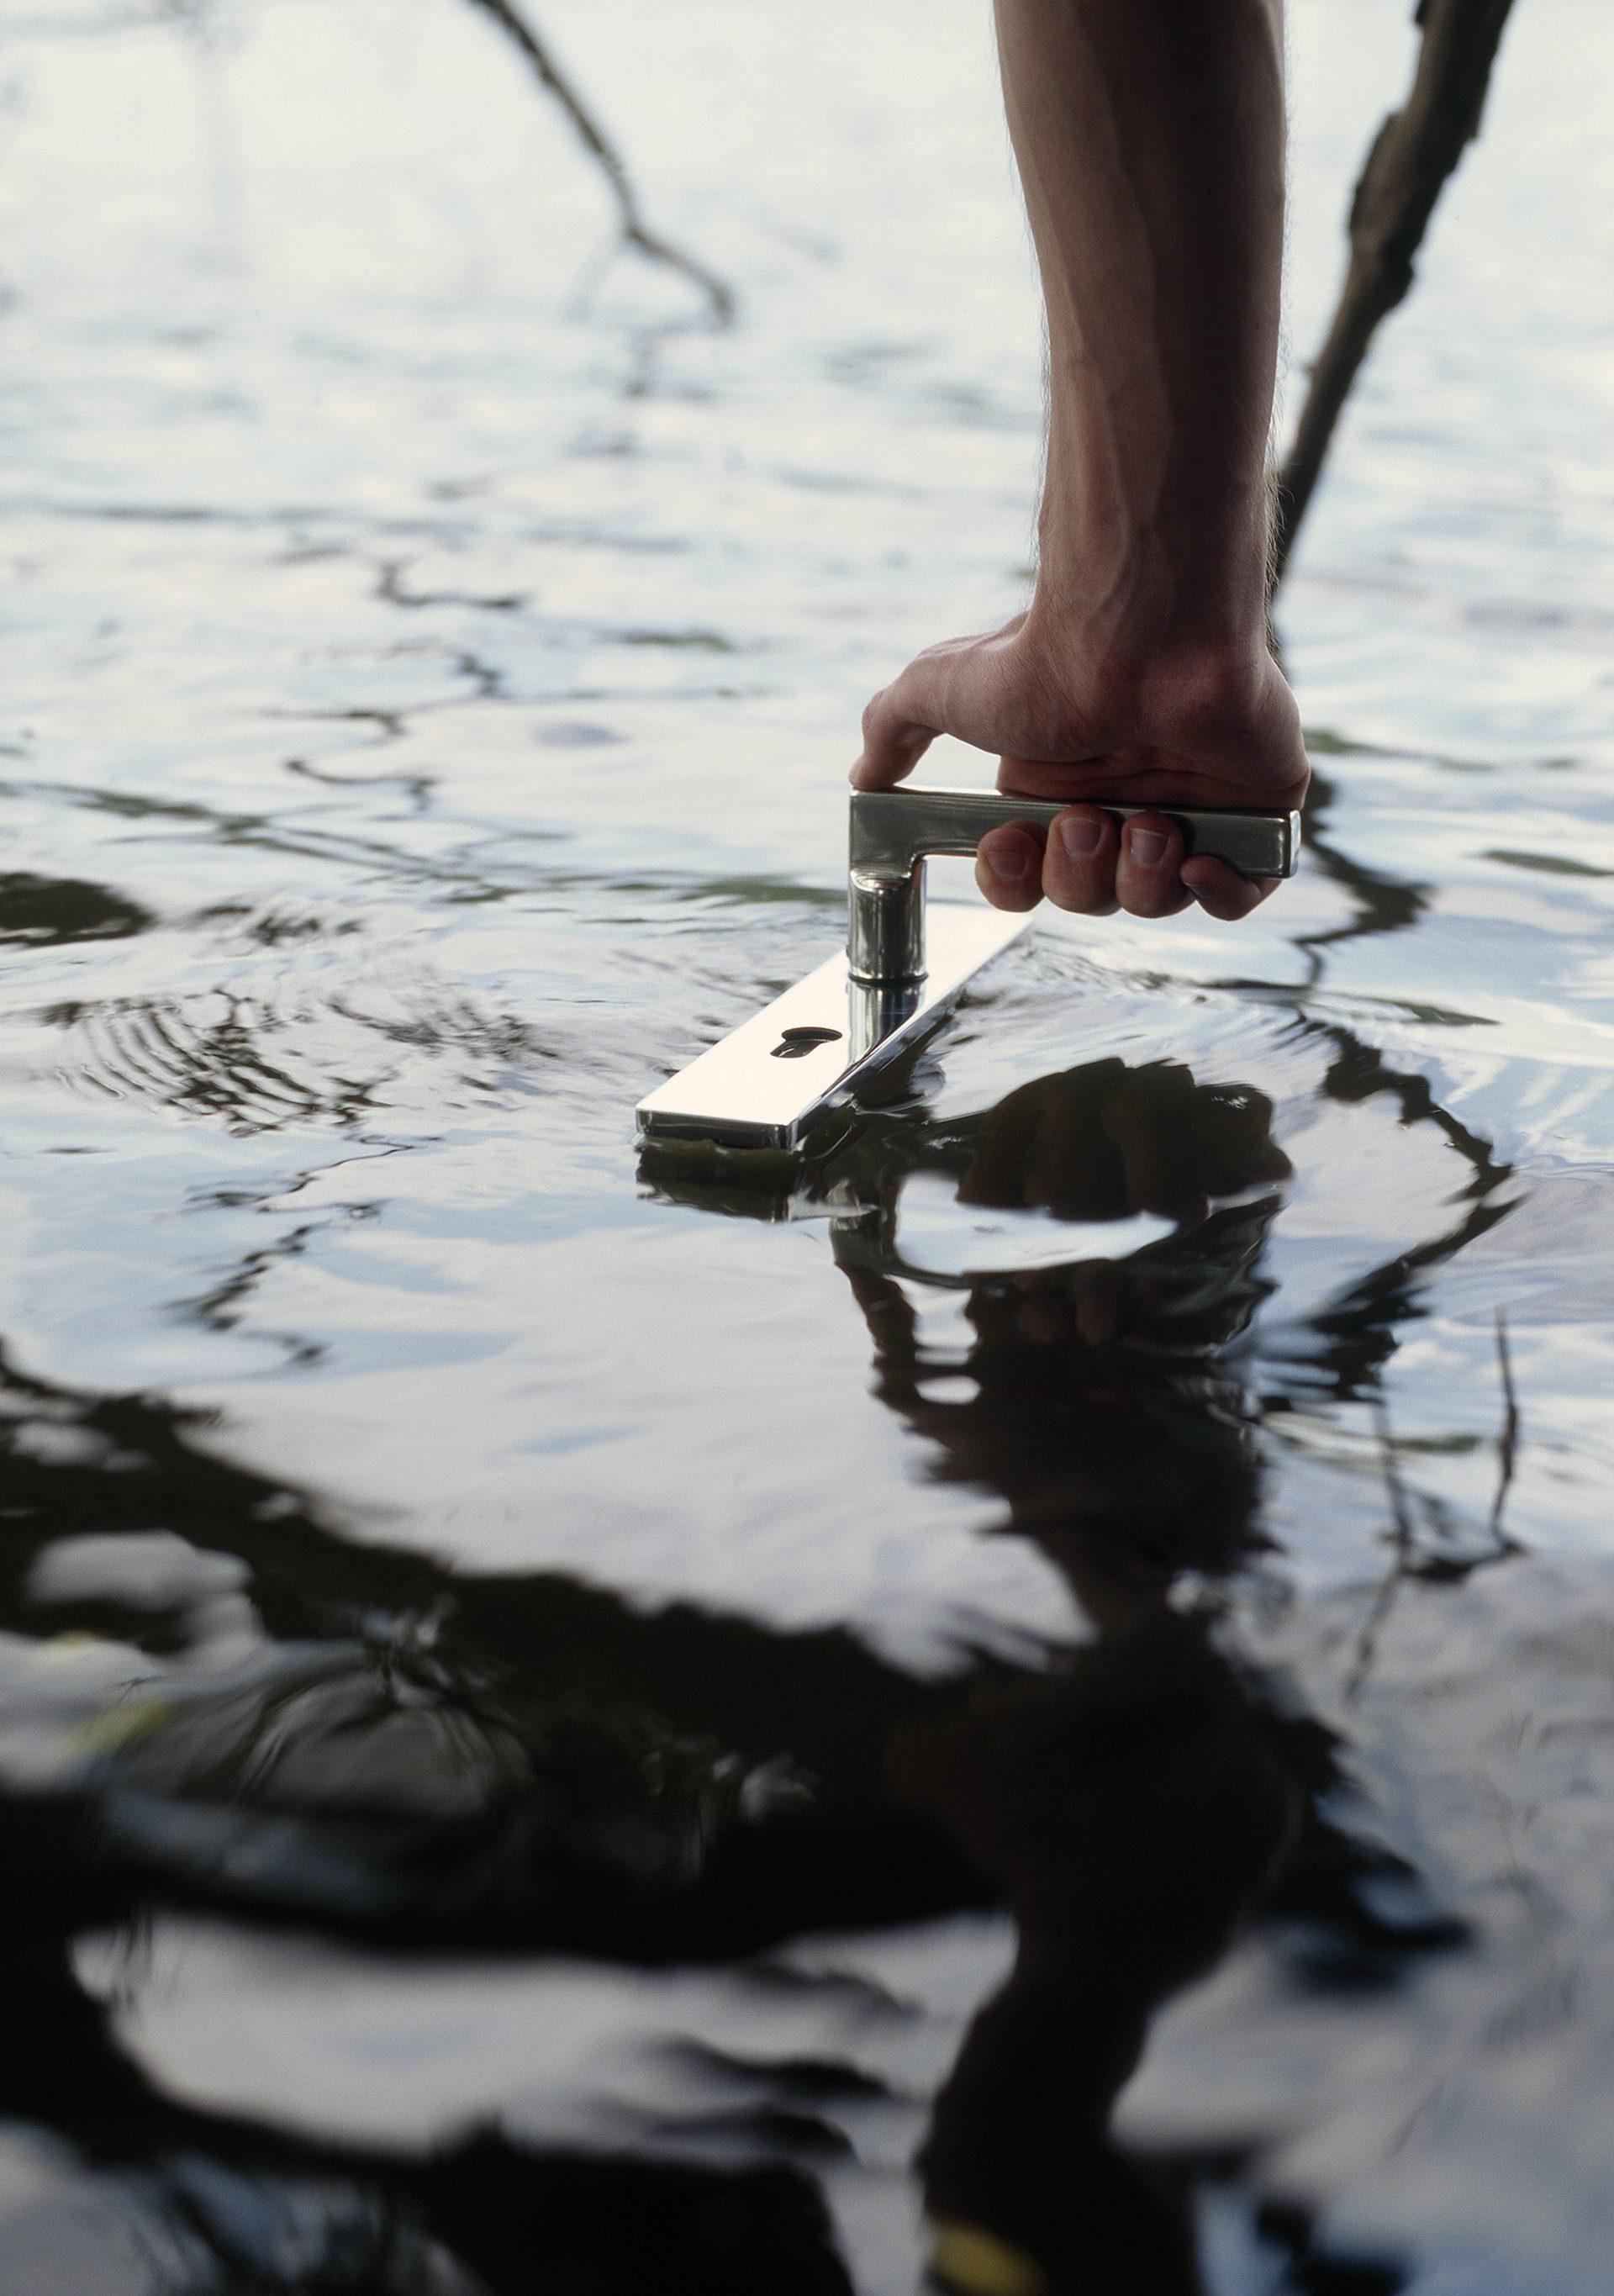 Ein Foto von Fotograf Sascha Weidner, wo eine Hand eine Türklinke greift, die im Wasser schwimmt.